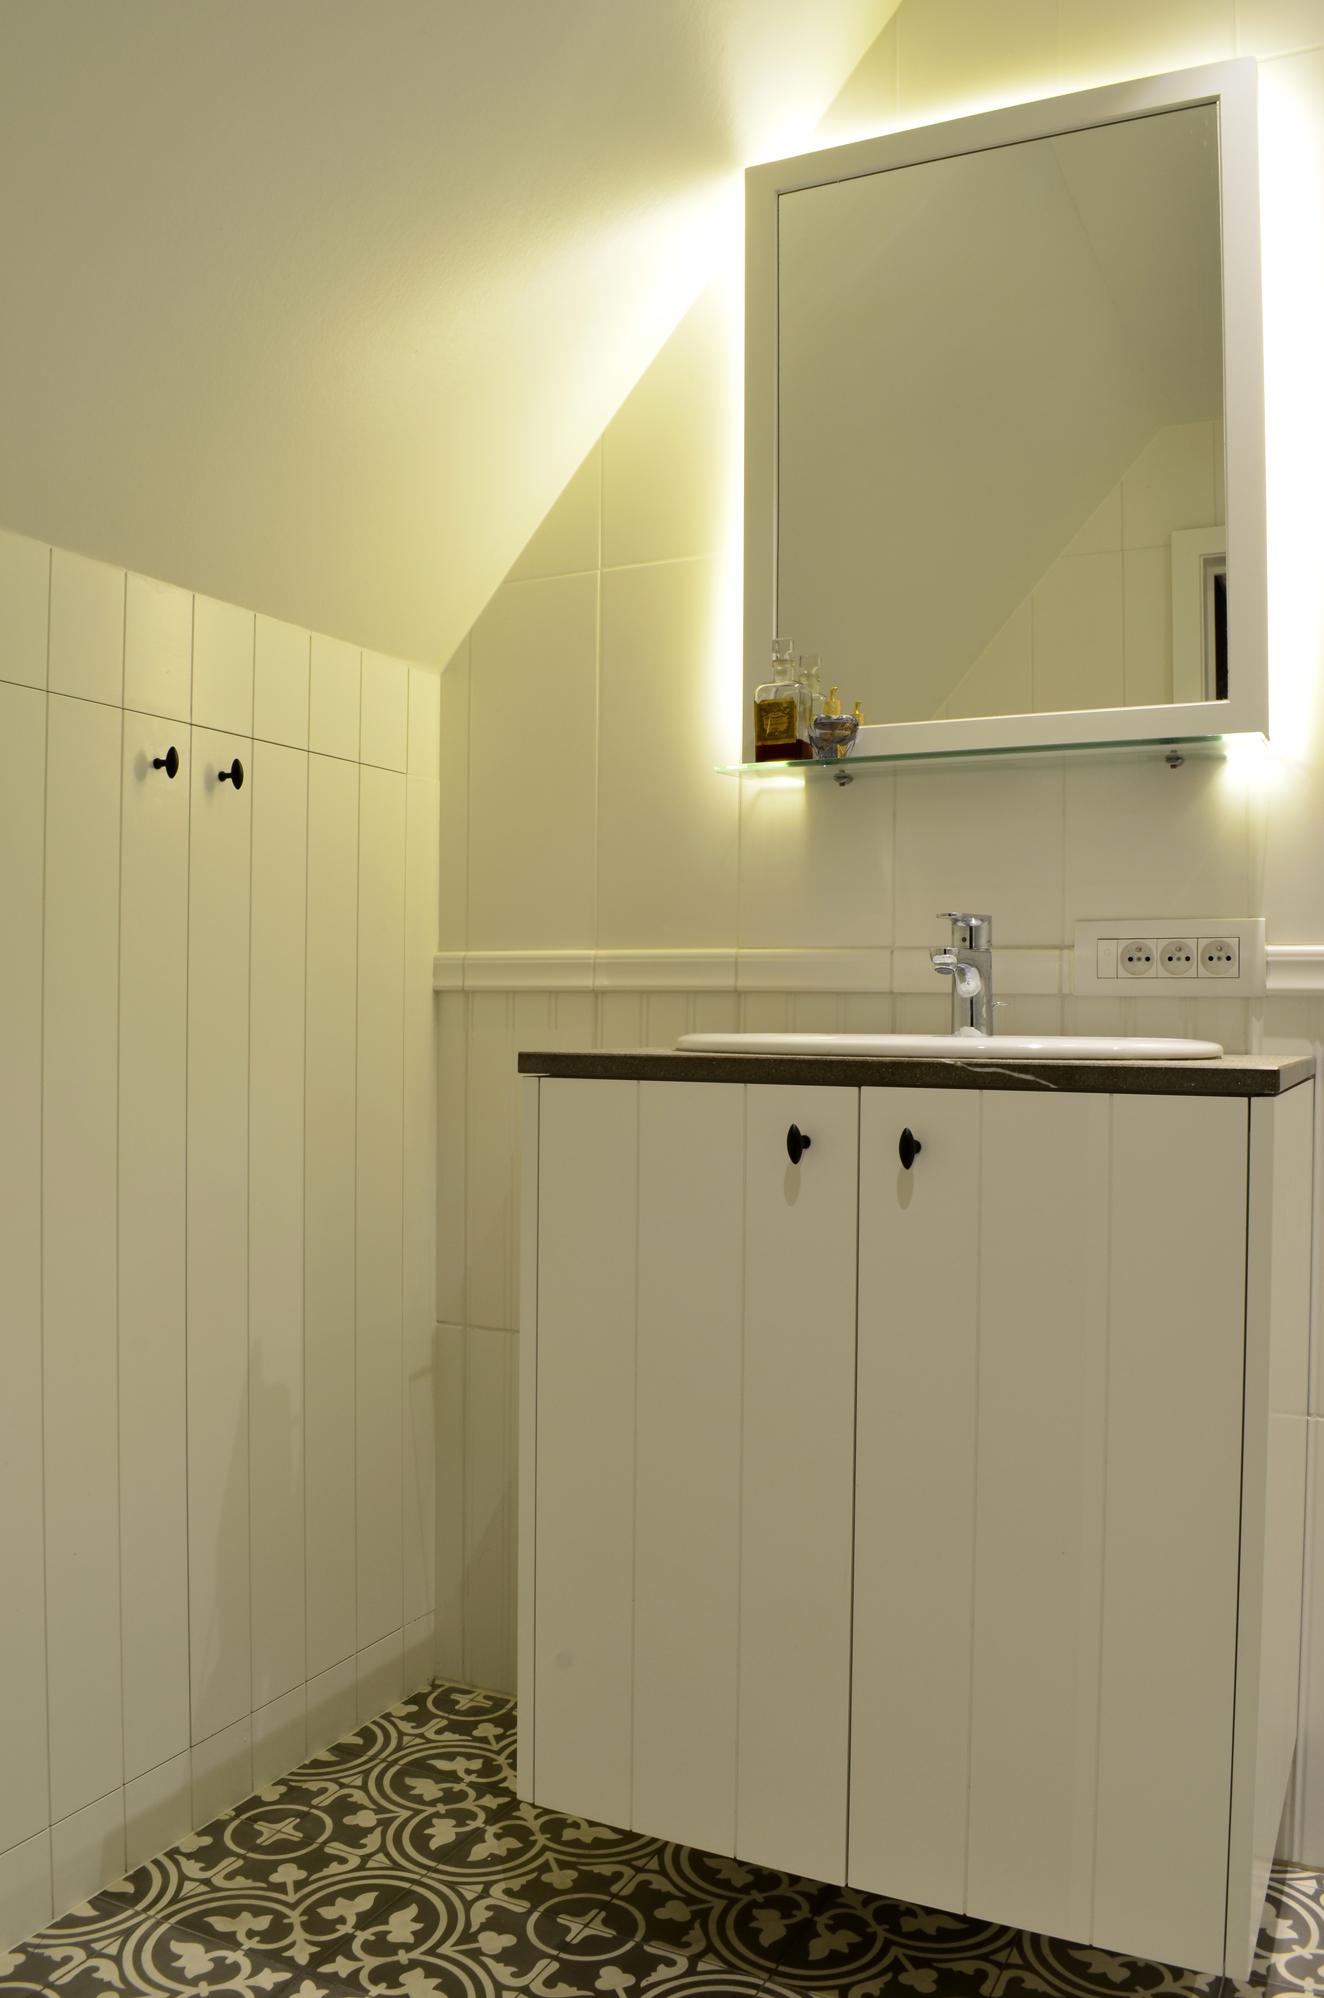 Renovatie badkamer badkamers realisaties for Inrichting badkamer 3d